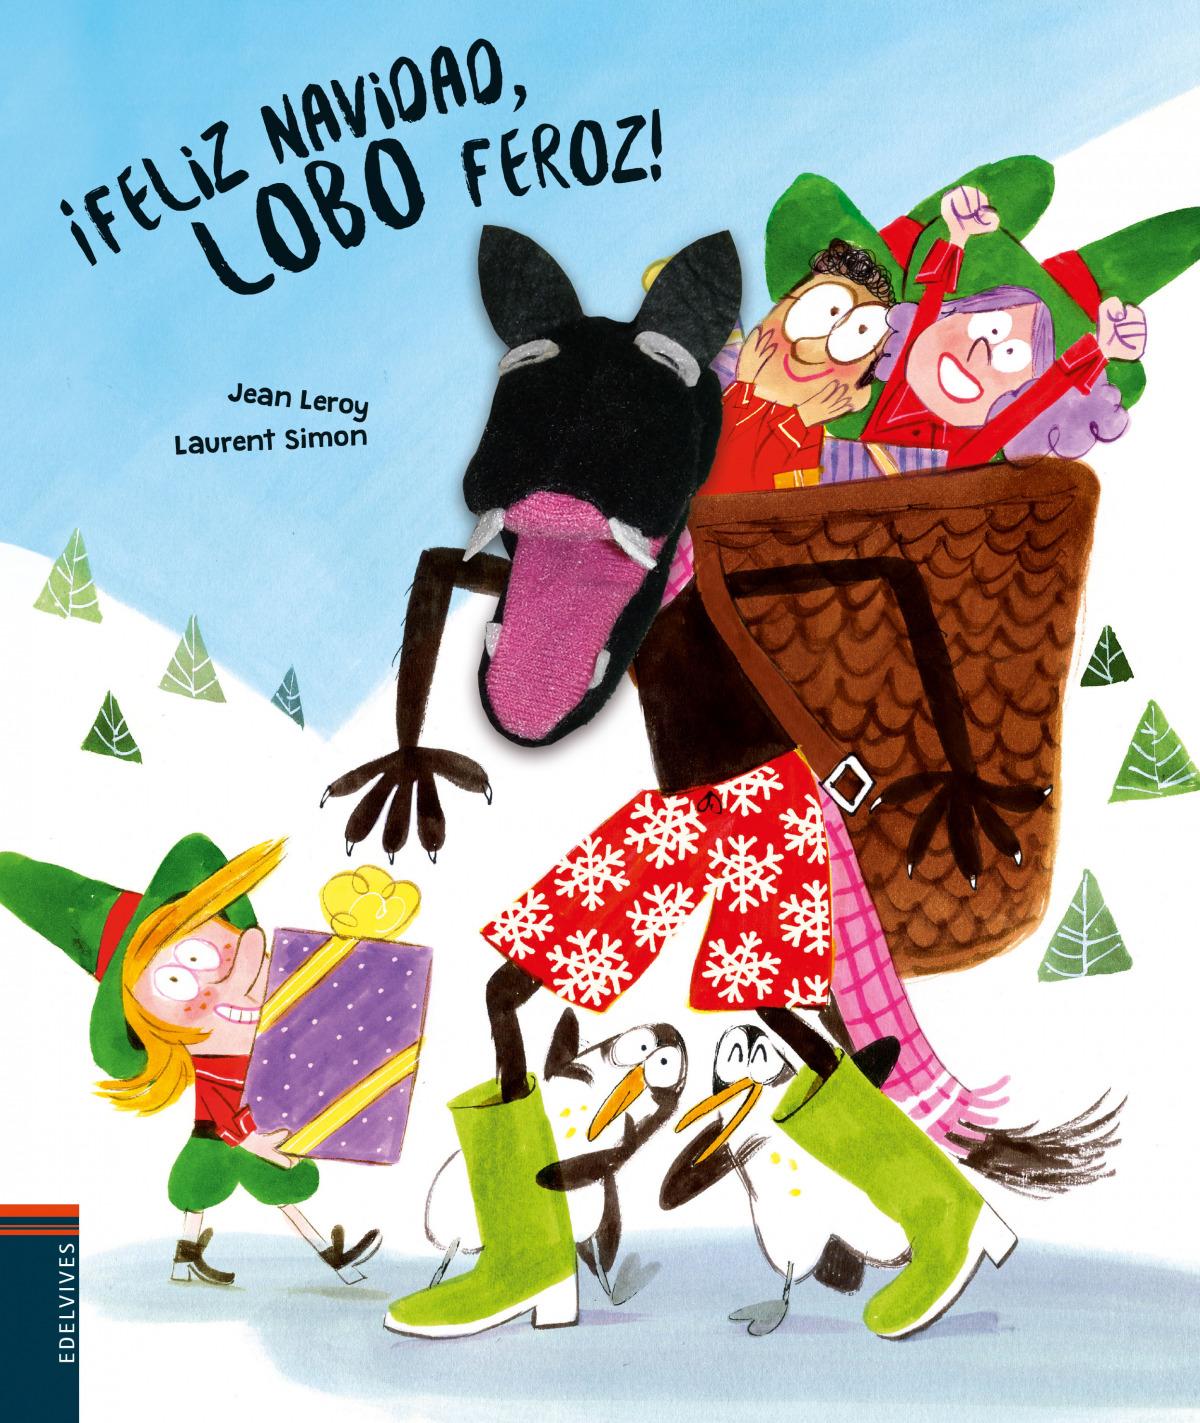 ¡Feliz Navidad, Lobo Feroz!